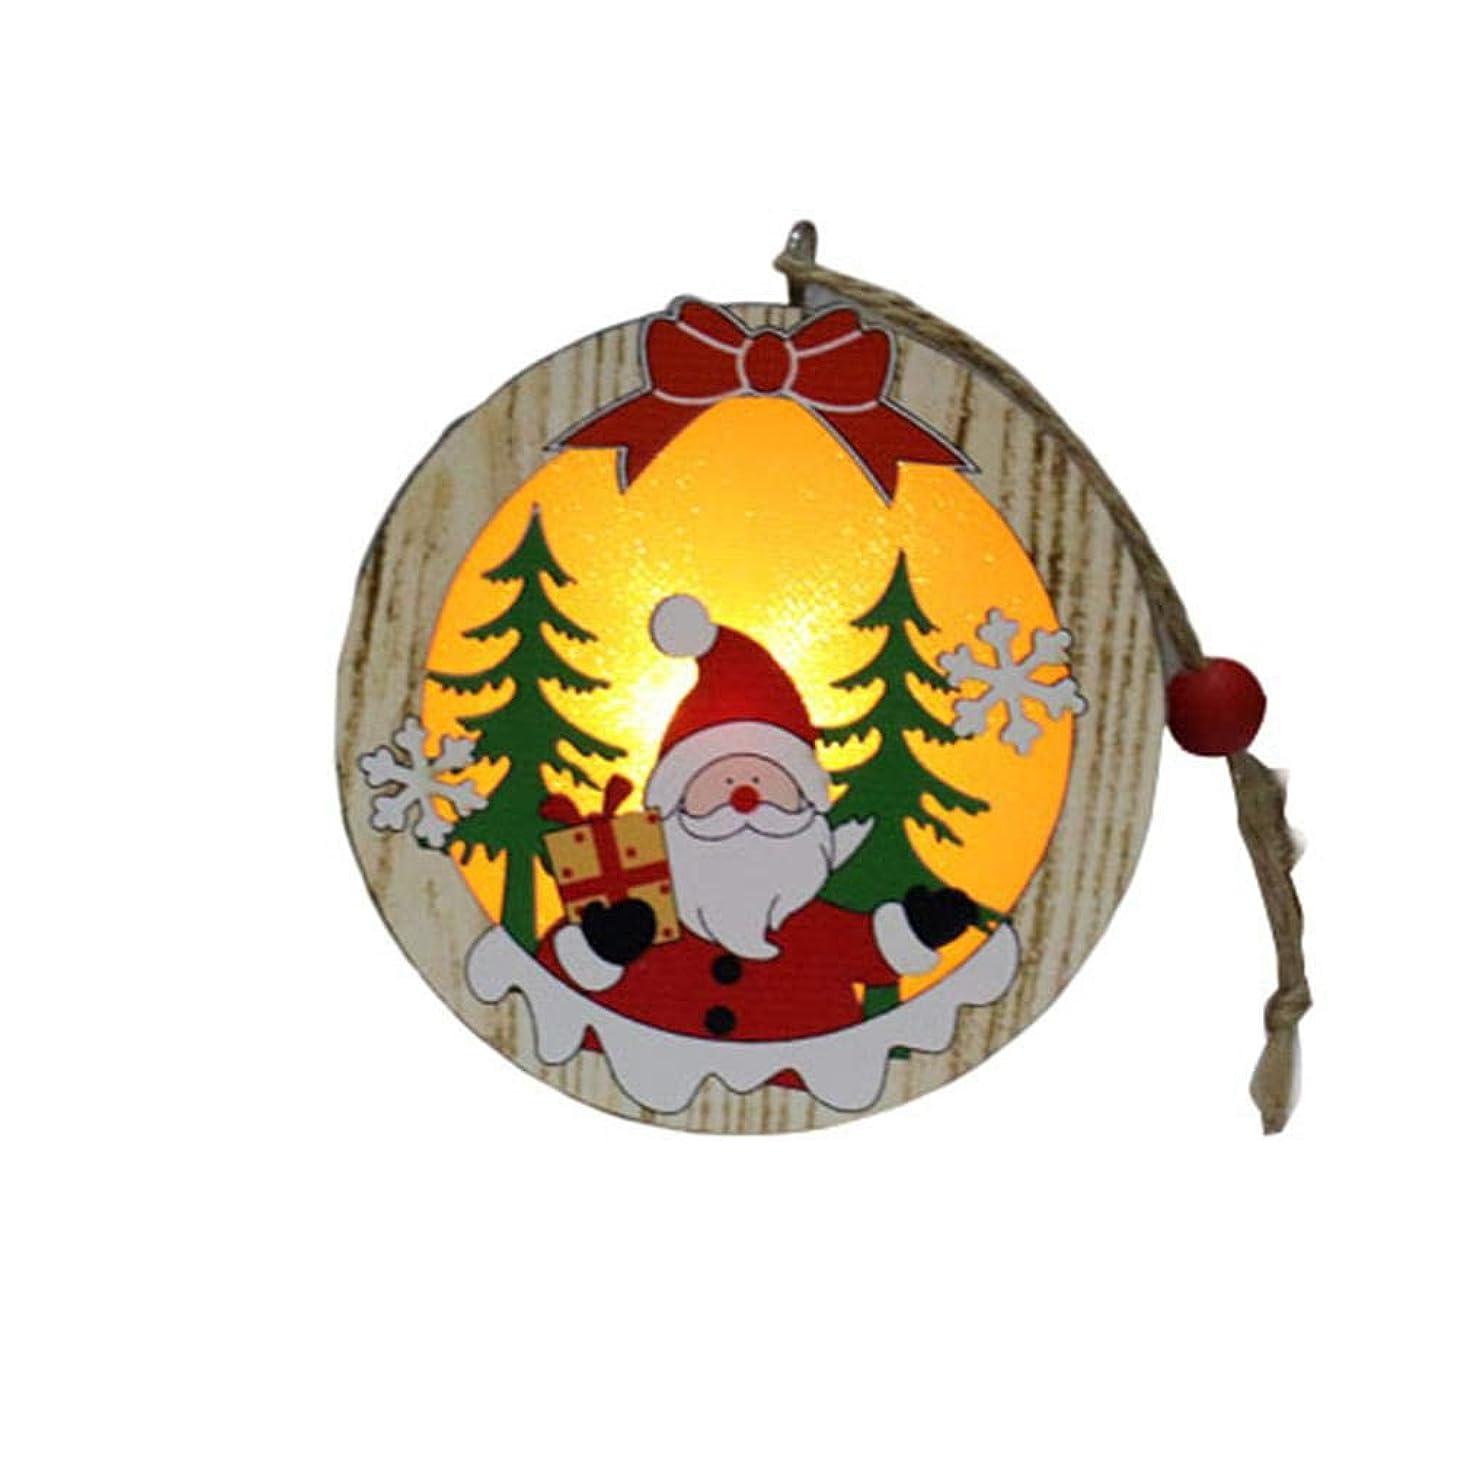 敵意教赤クリスマスライト ペンダントライト クリスマスツリー 装飾 吊りランプ ペンダントライ 装飾ライト LEDライト 暖色 防水 省エネ 庭園 ガーデントに適用